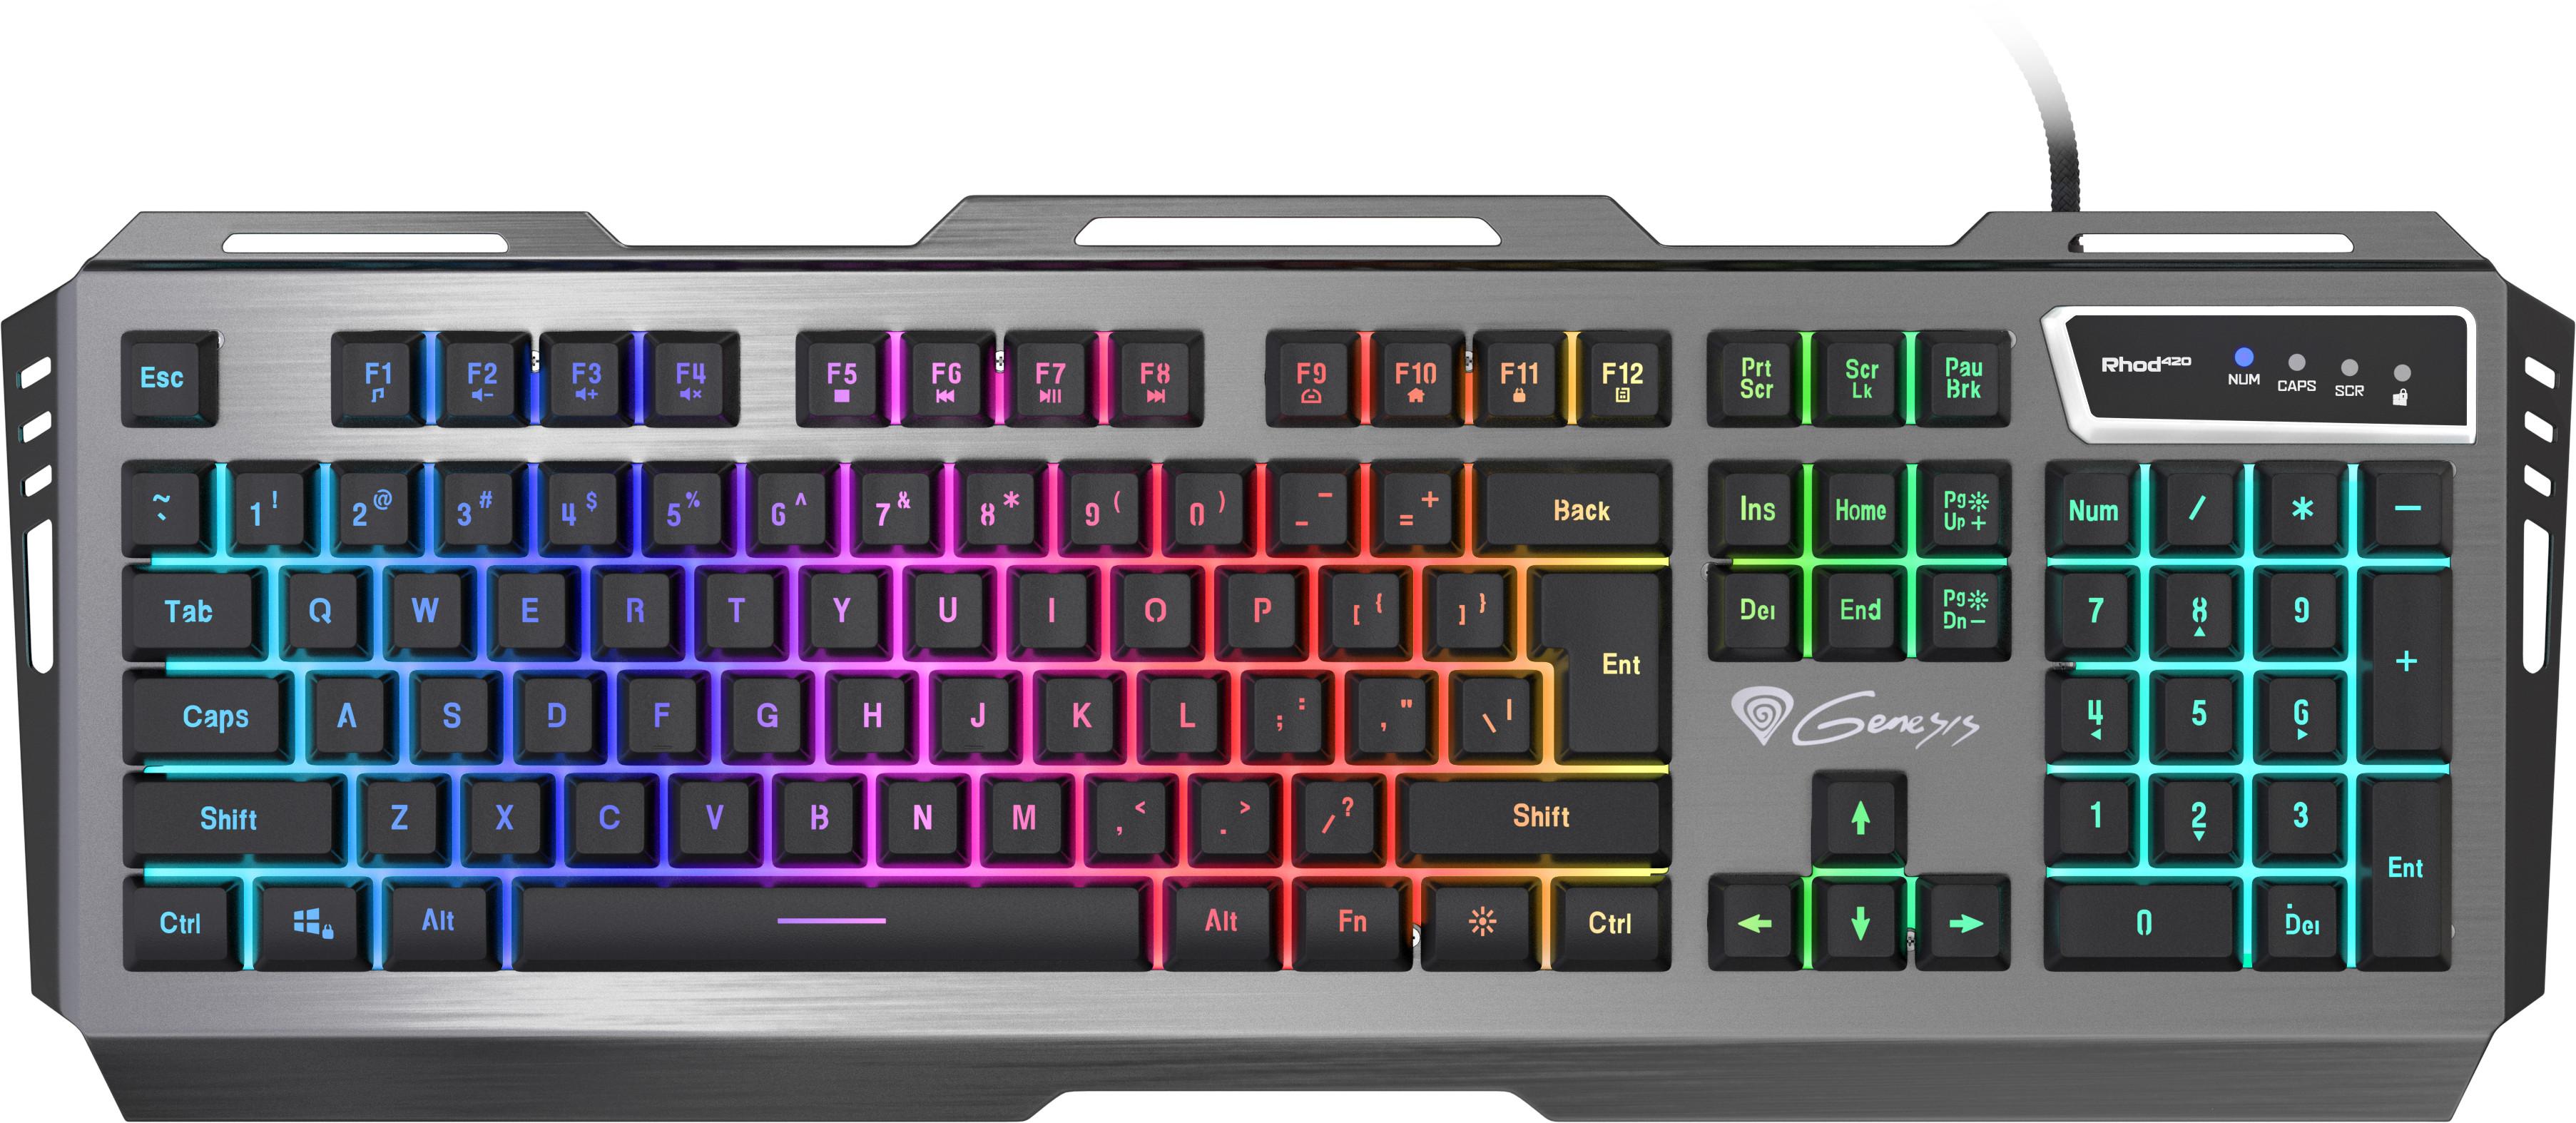 Genesis Rhod 420 RGB